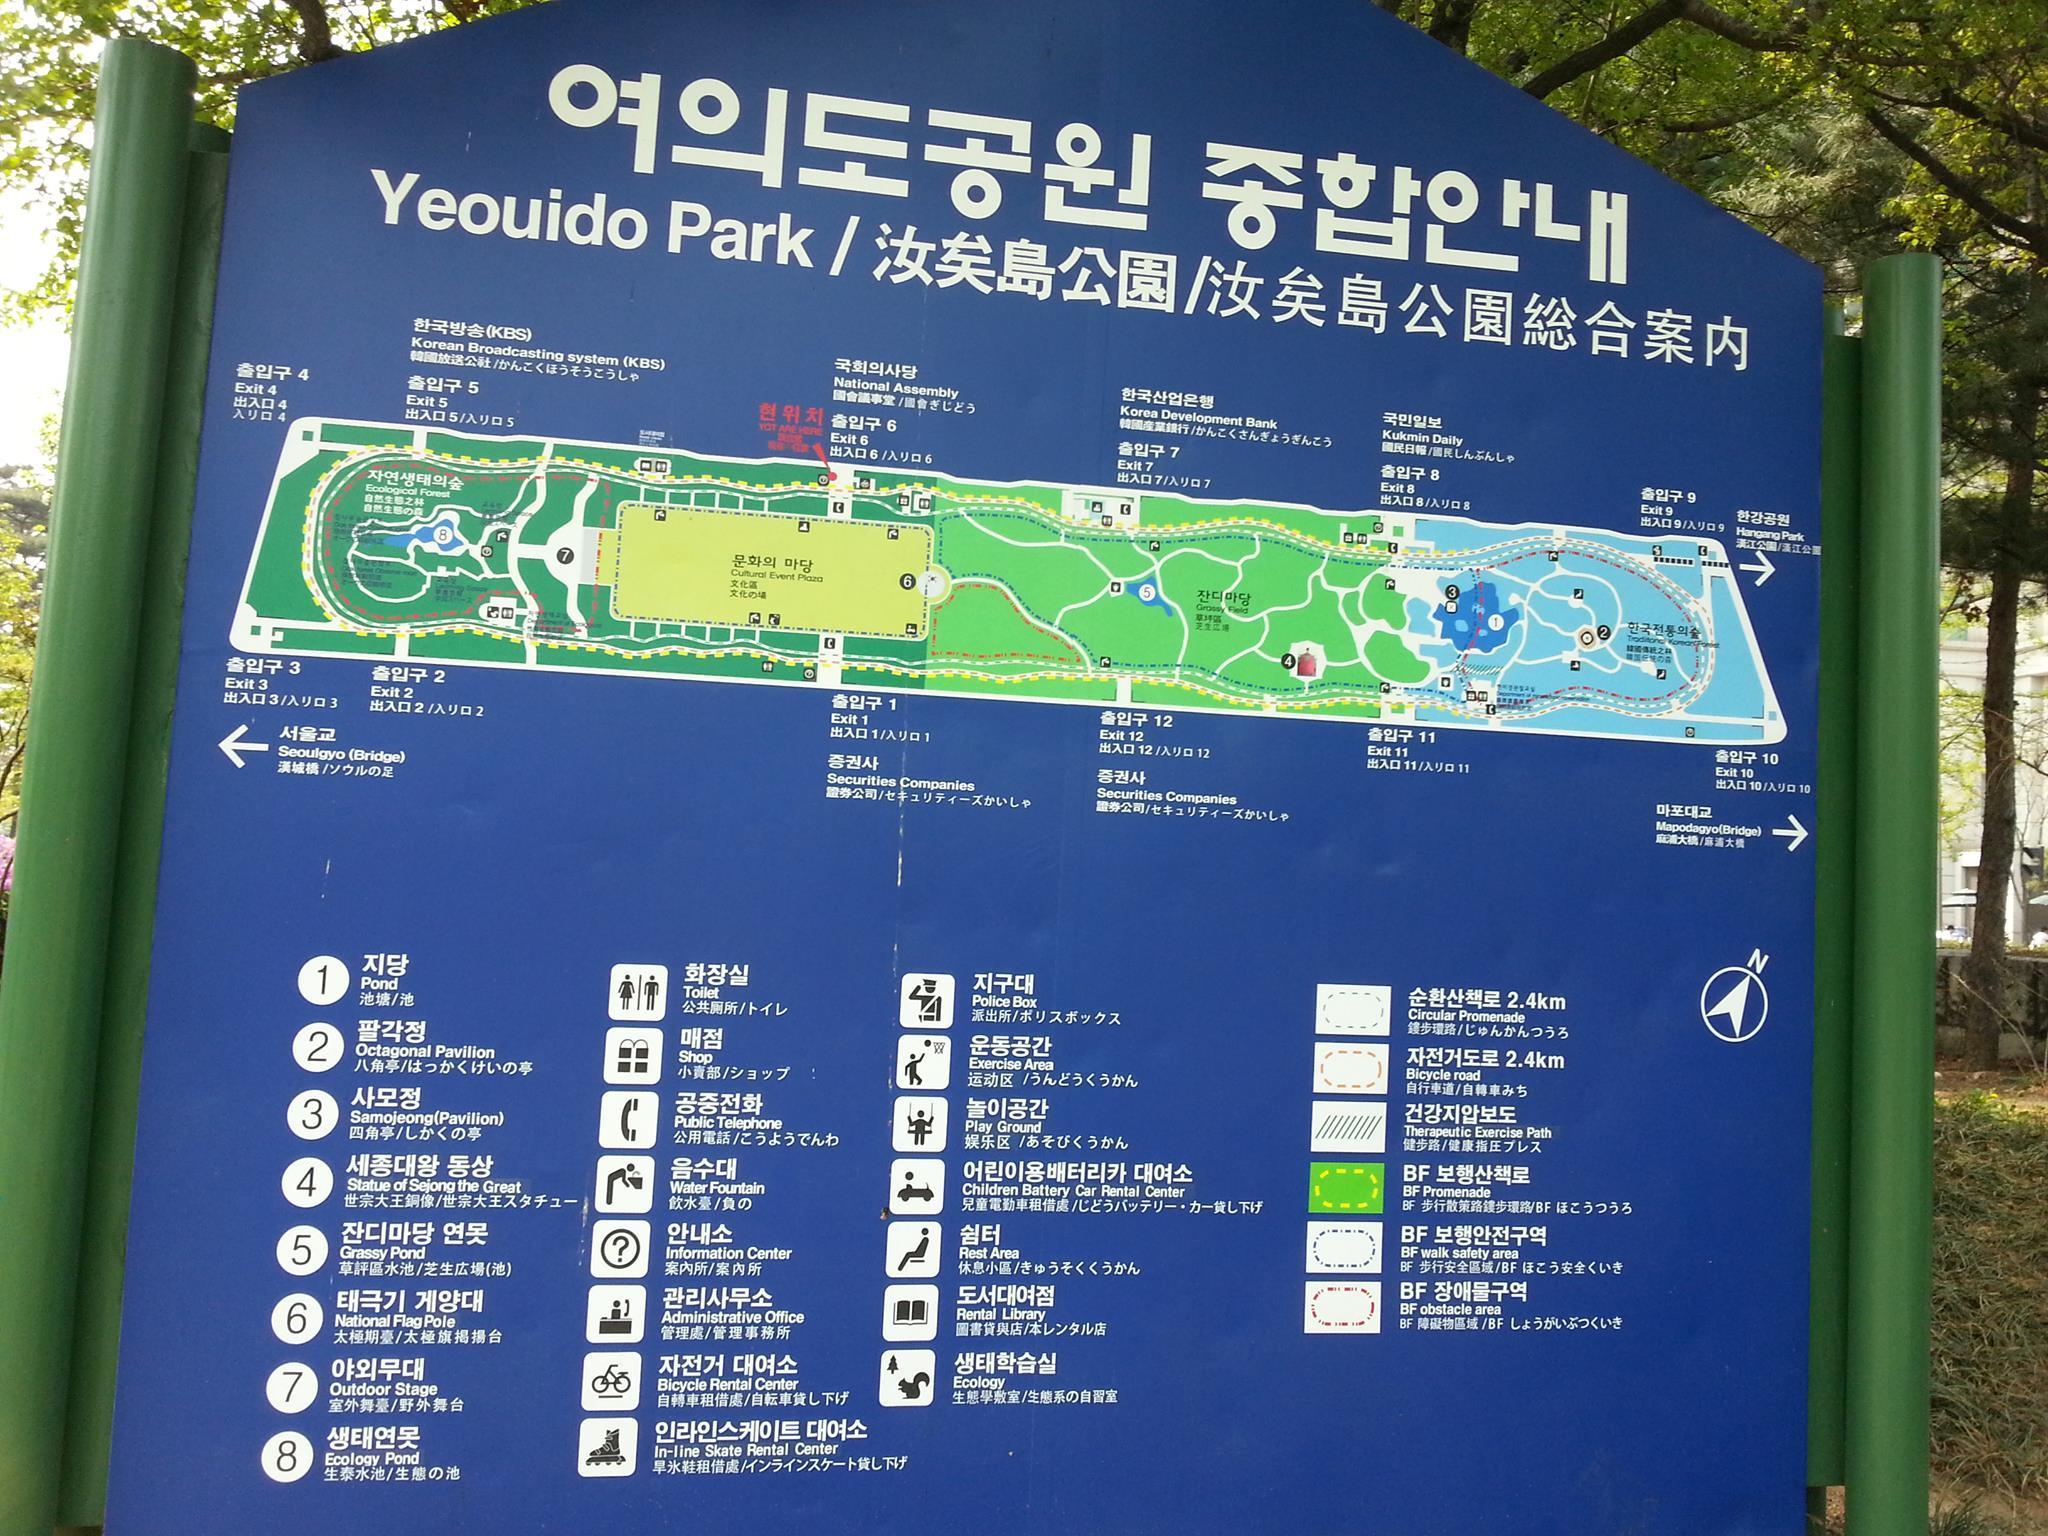 汝矣島(ヨイド)公園